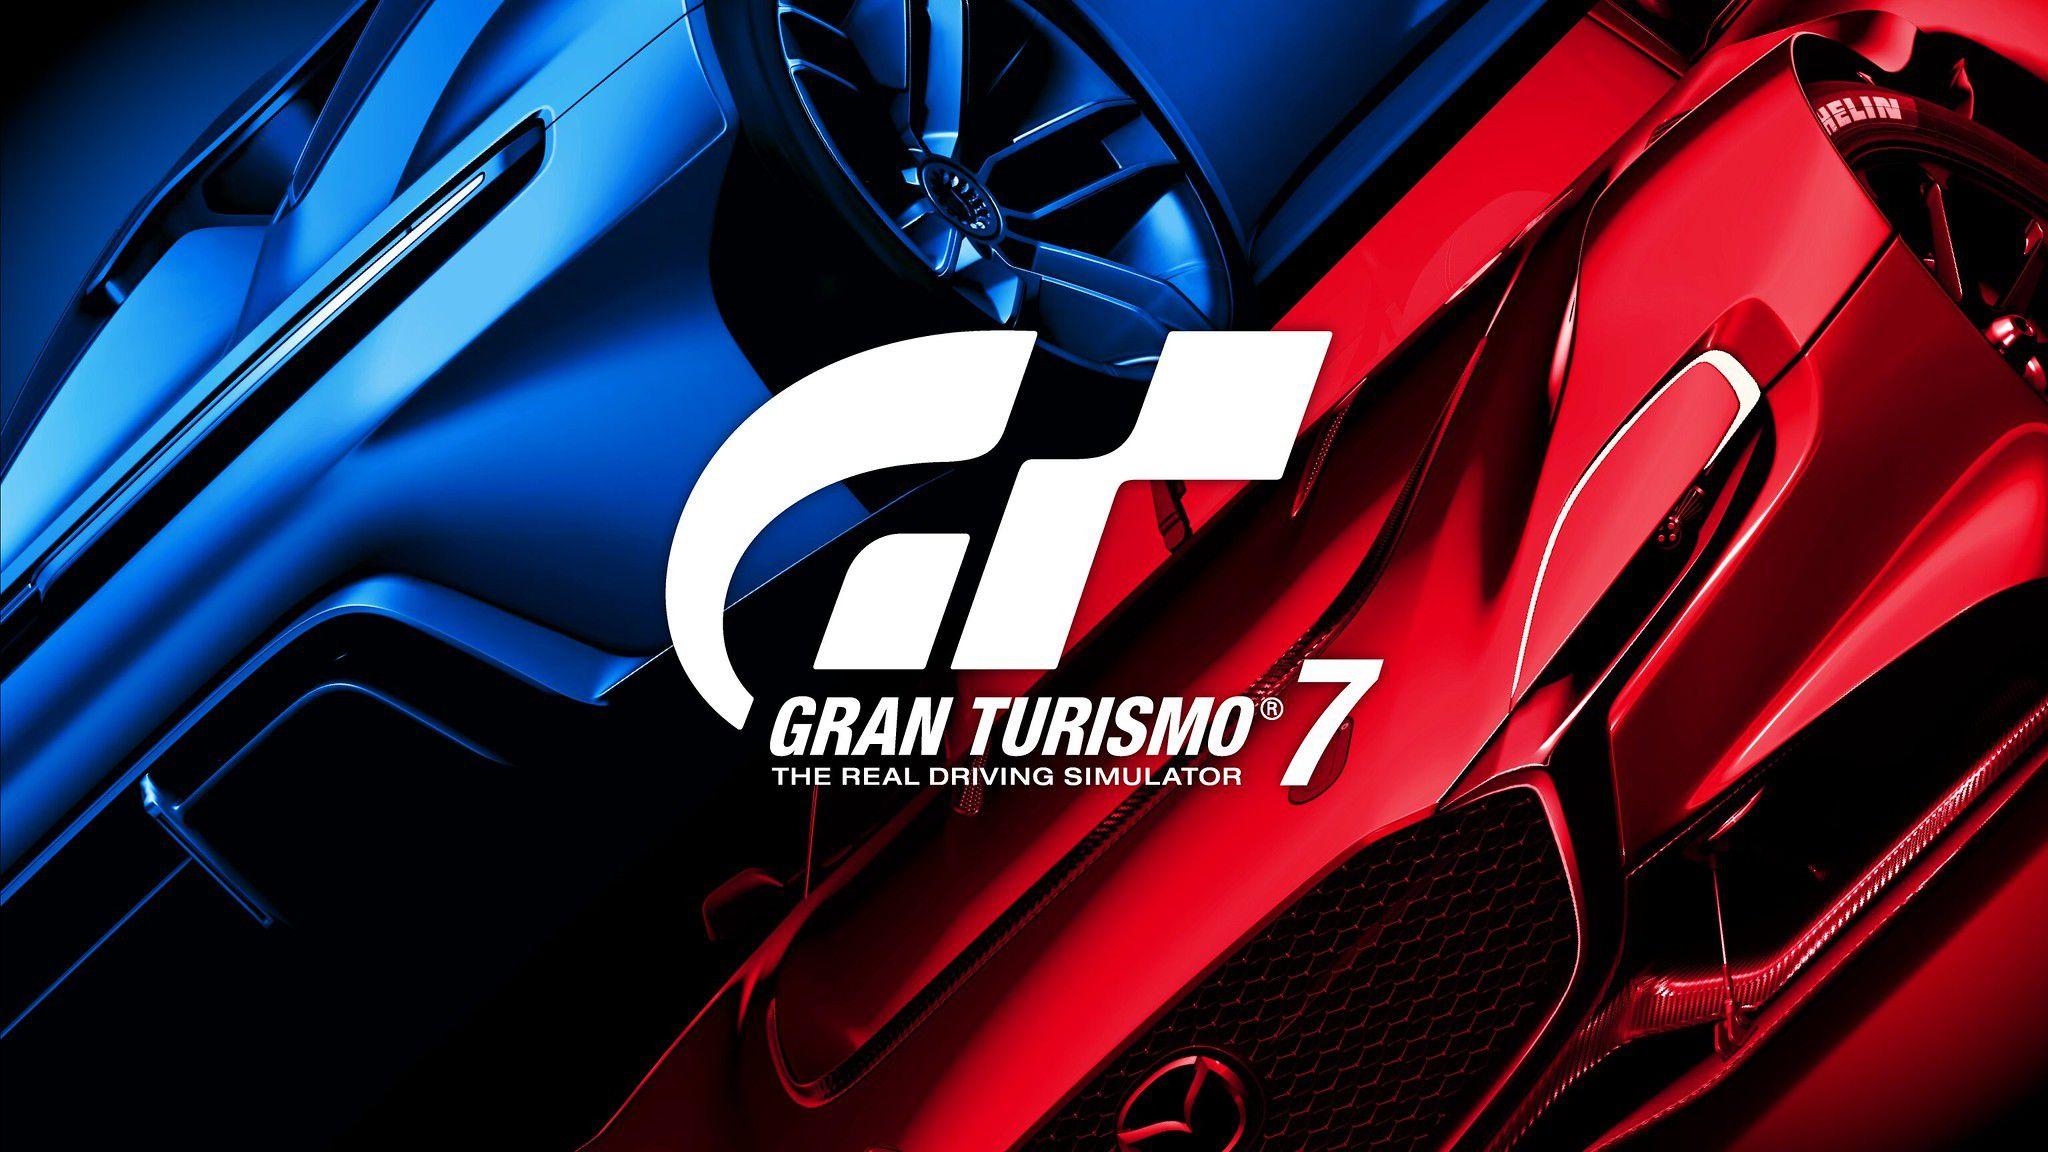 Gran Turismo 7 per PS5: la nuova generazione dei giochi di corse